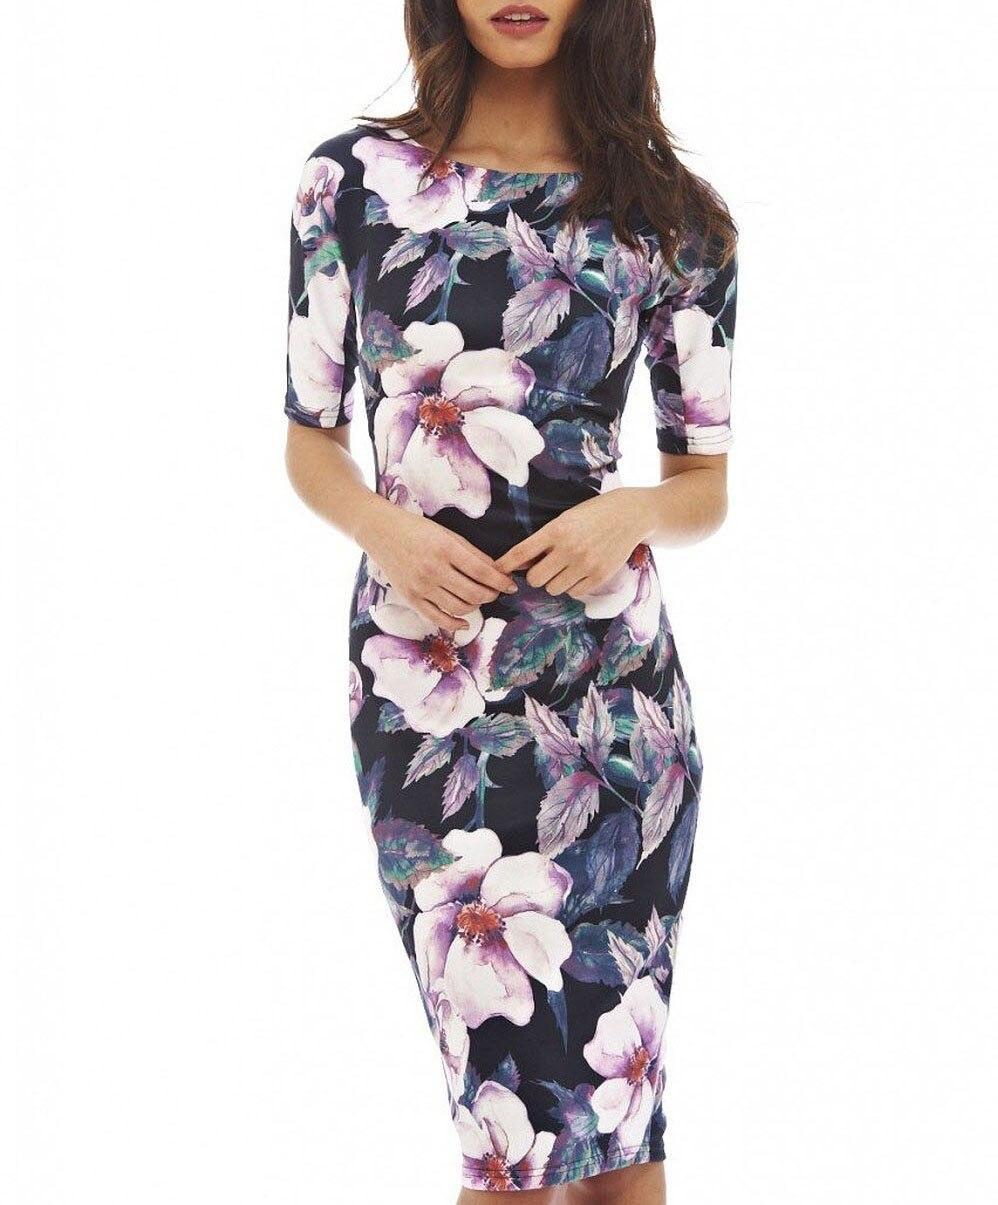 Женское платье элегантный Цветочный принт работы Бизнес Повседневное вечерние летнее платье vestidos 004-1